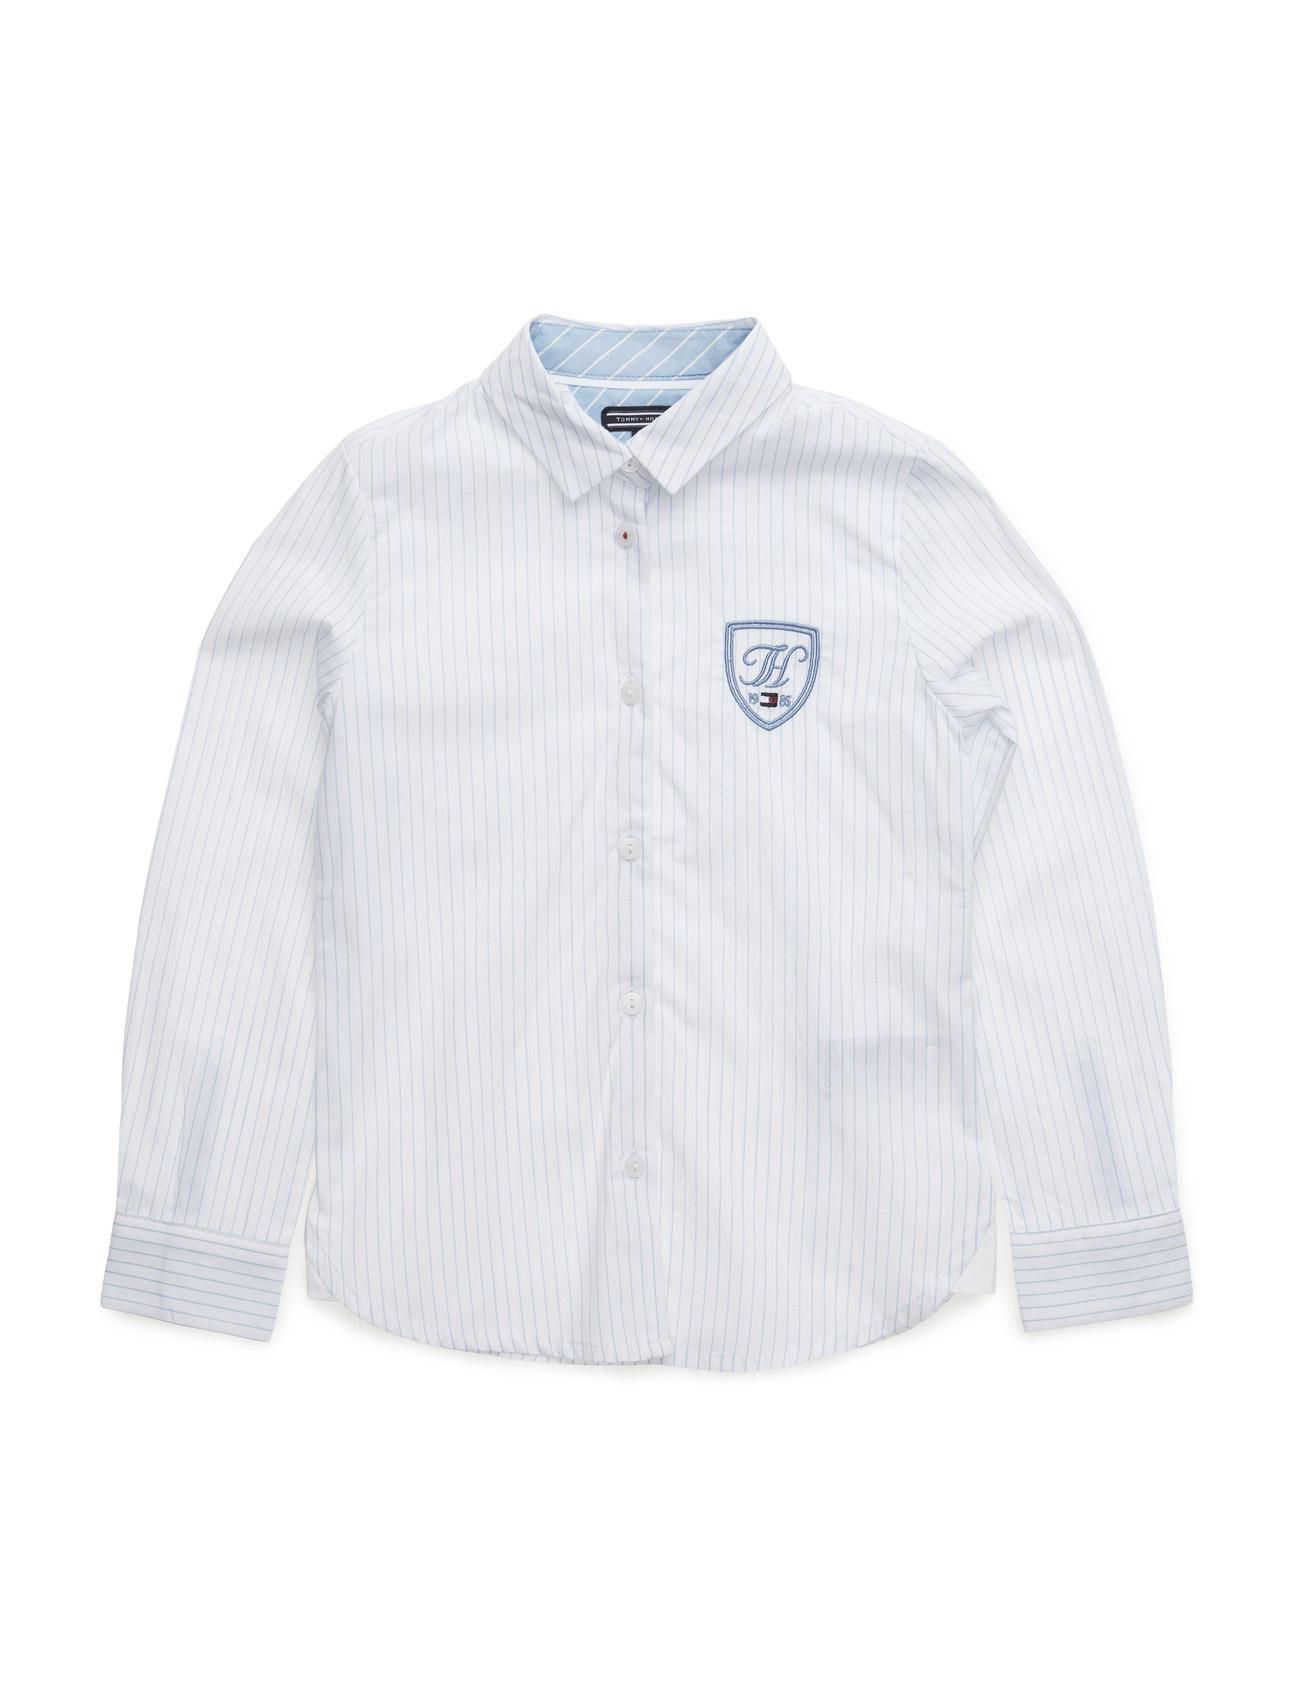 Dg Dasha Girls Shirt L/S Tommy Hilfiger  til Børn i